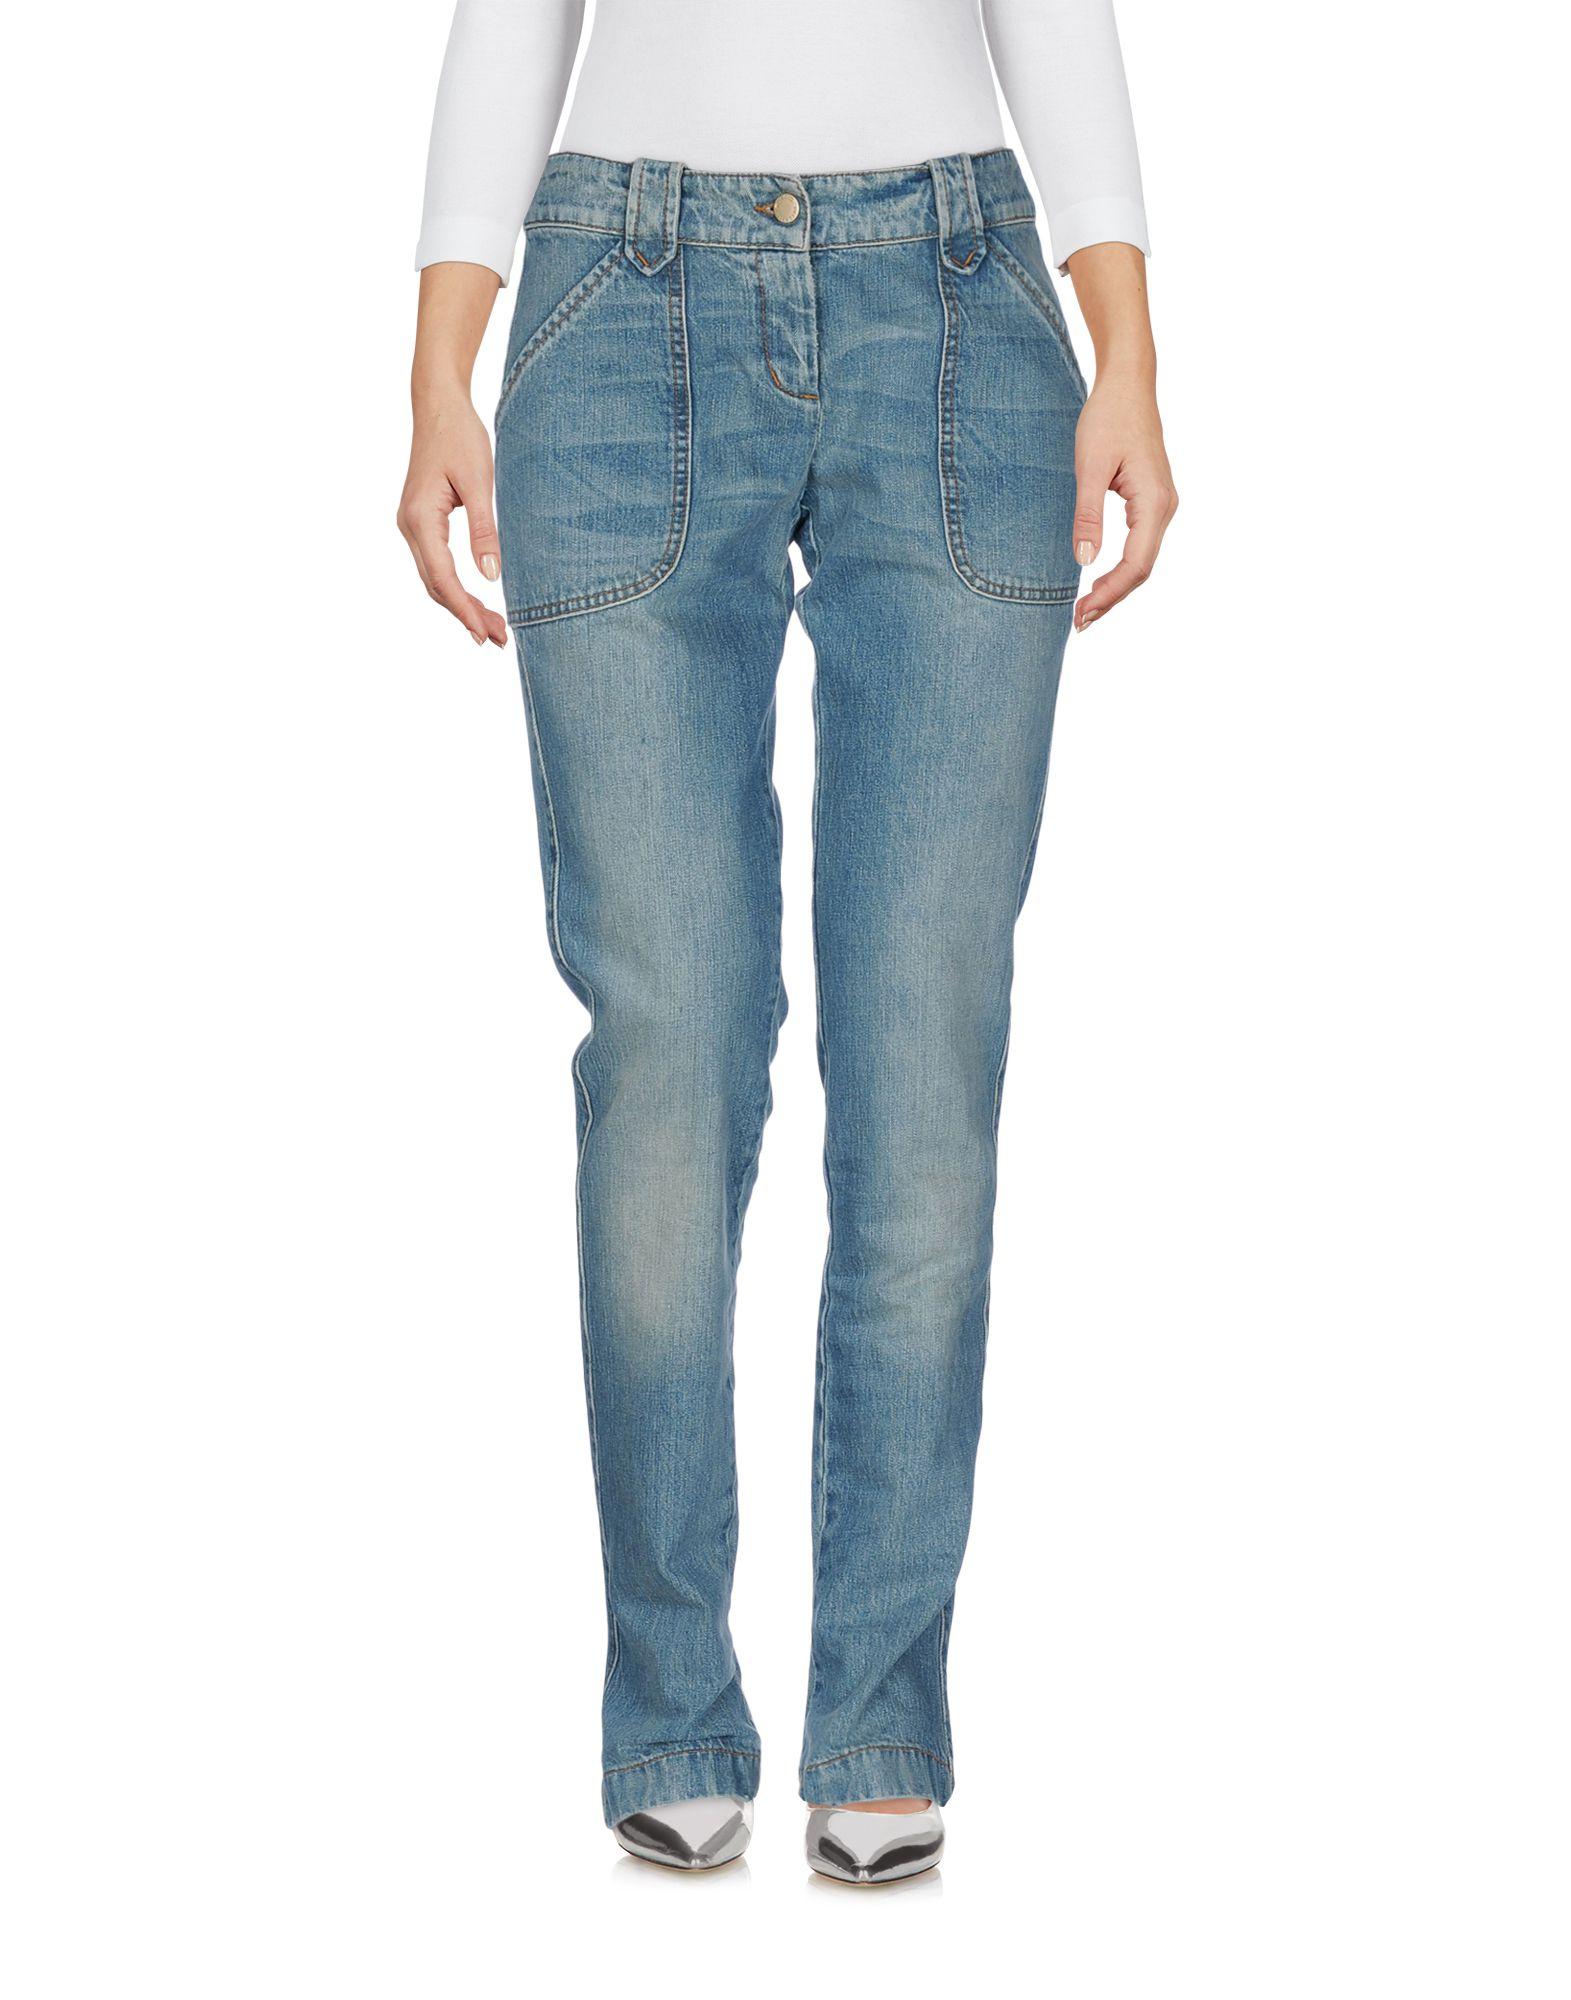 REDValentino Джинсовые брюки женские брюки лэйт светлый размер 56